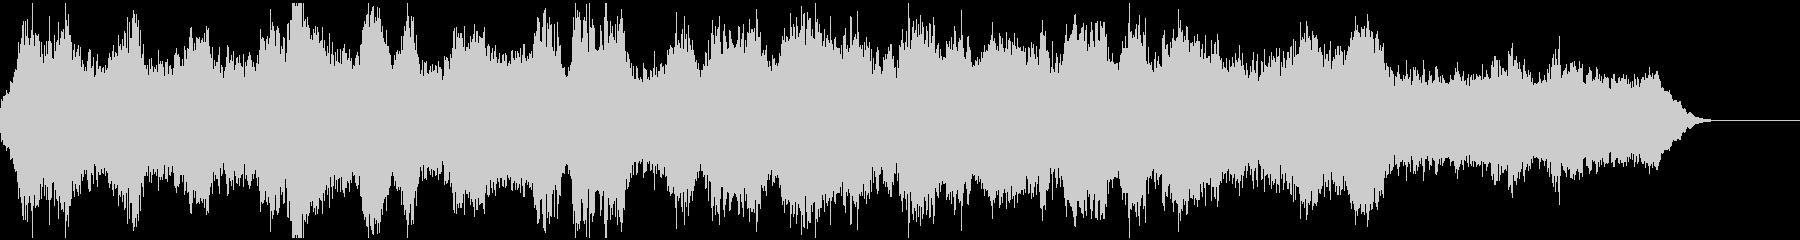 二胡と管弦楽による神秘的なBGMの未再生の波形